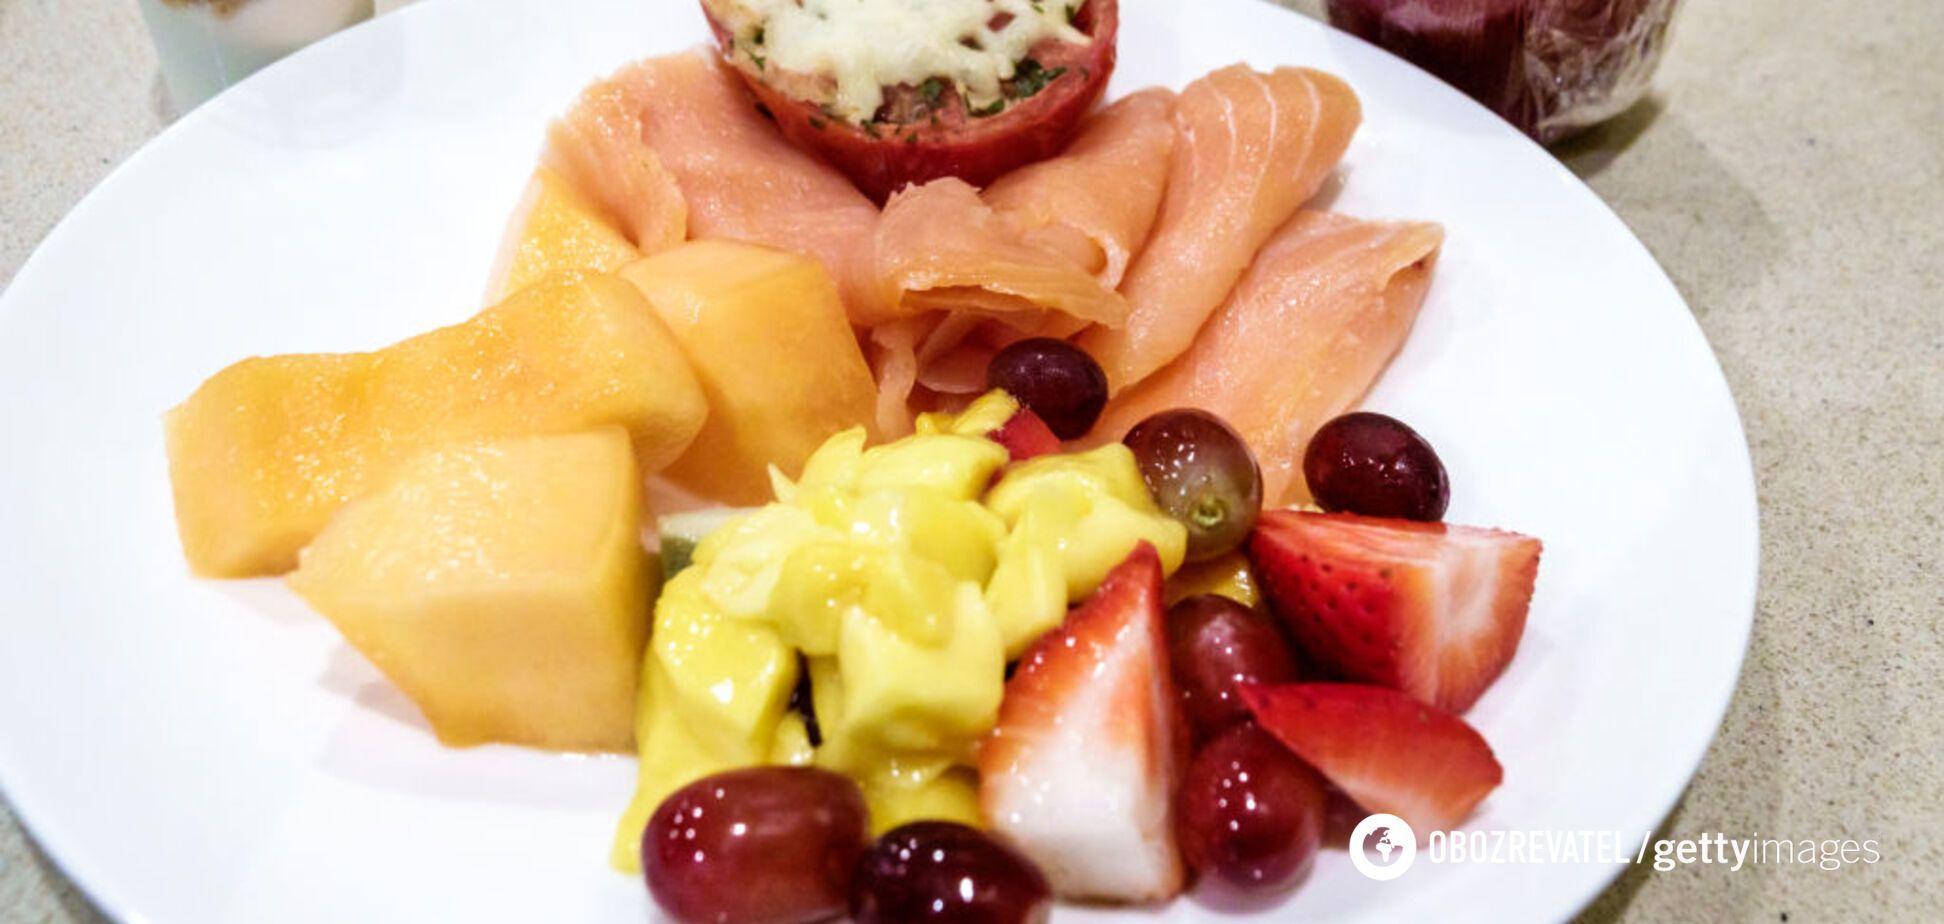 Гороскоп харчування на тиждень з 23 по 29 березня: час для гострих і солодких страв